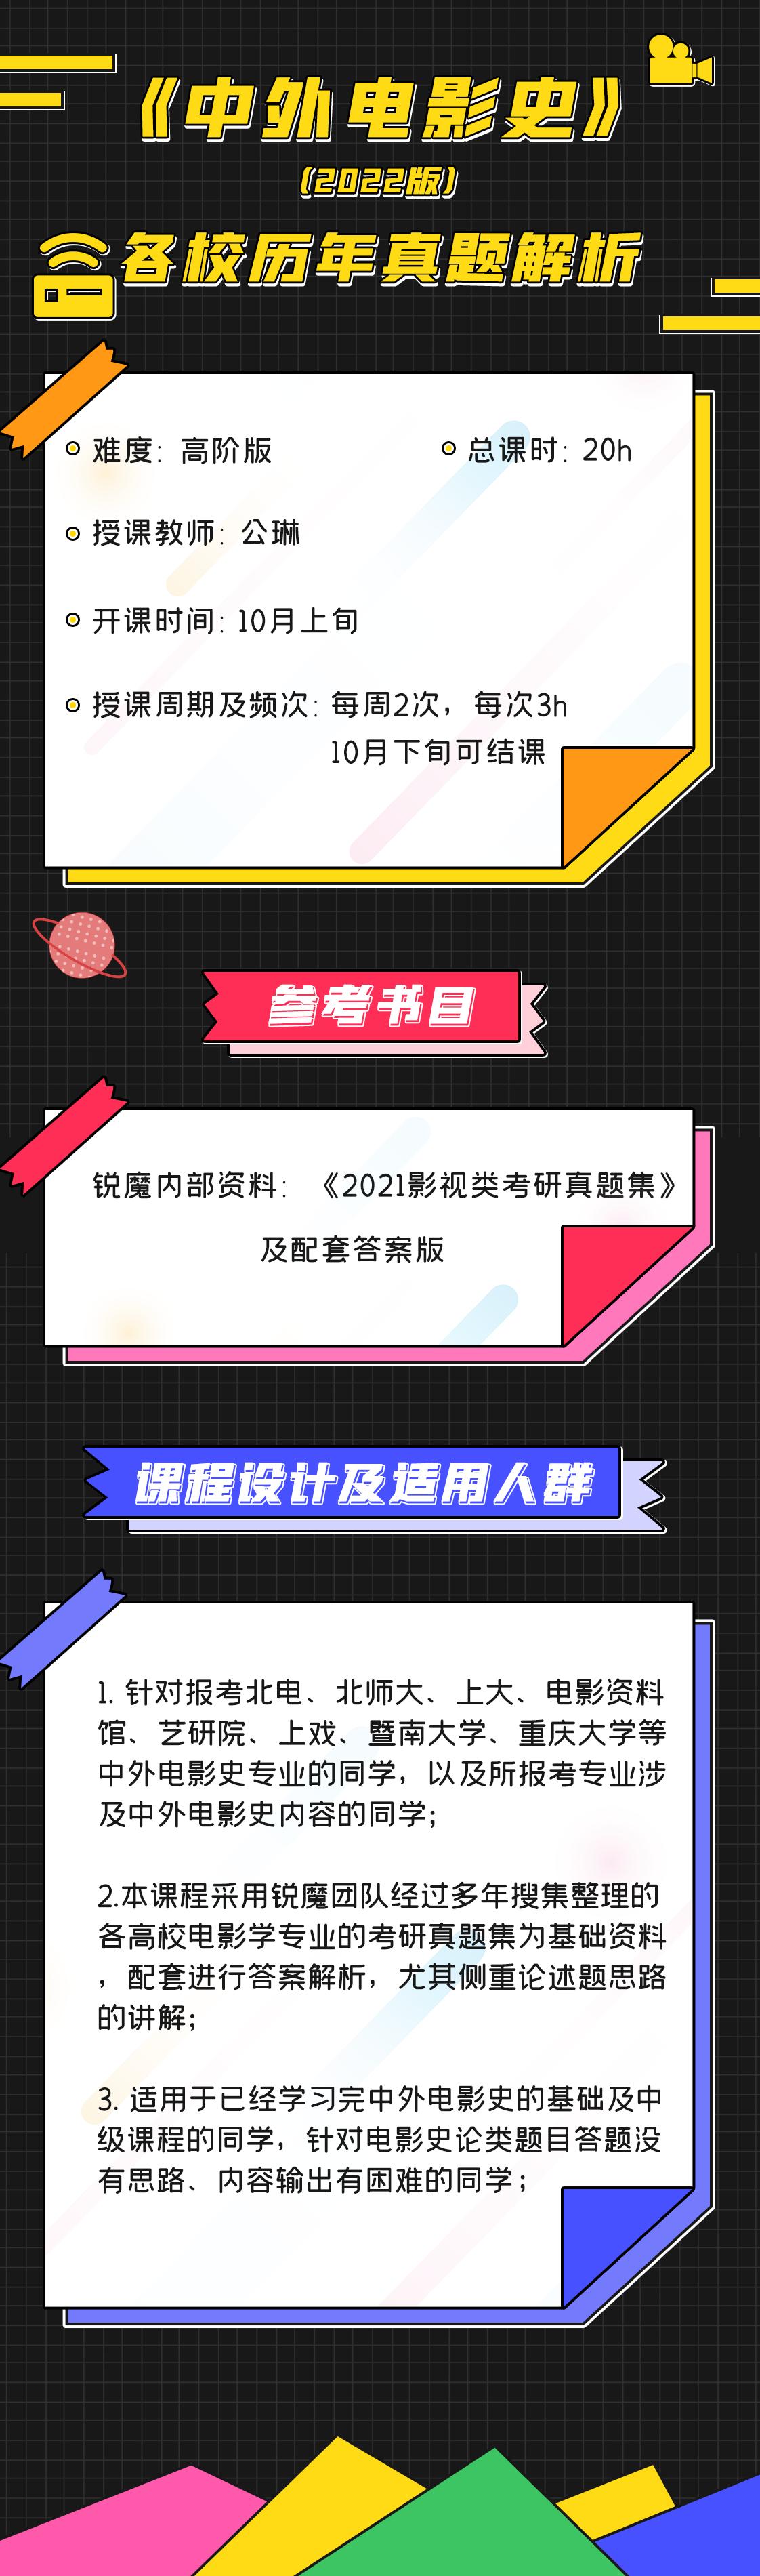 《中外电影史》各校历年真题解析(2022版)详情.png